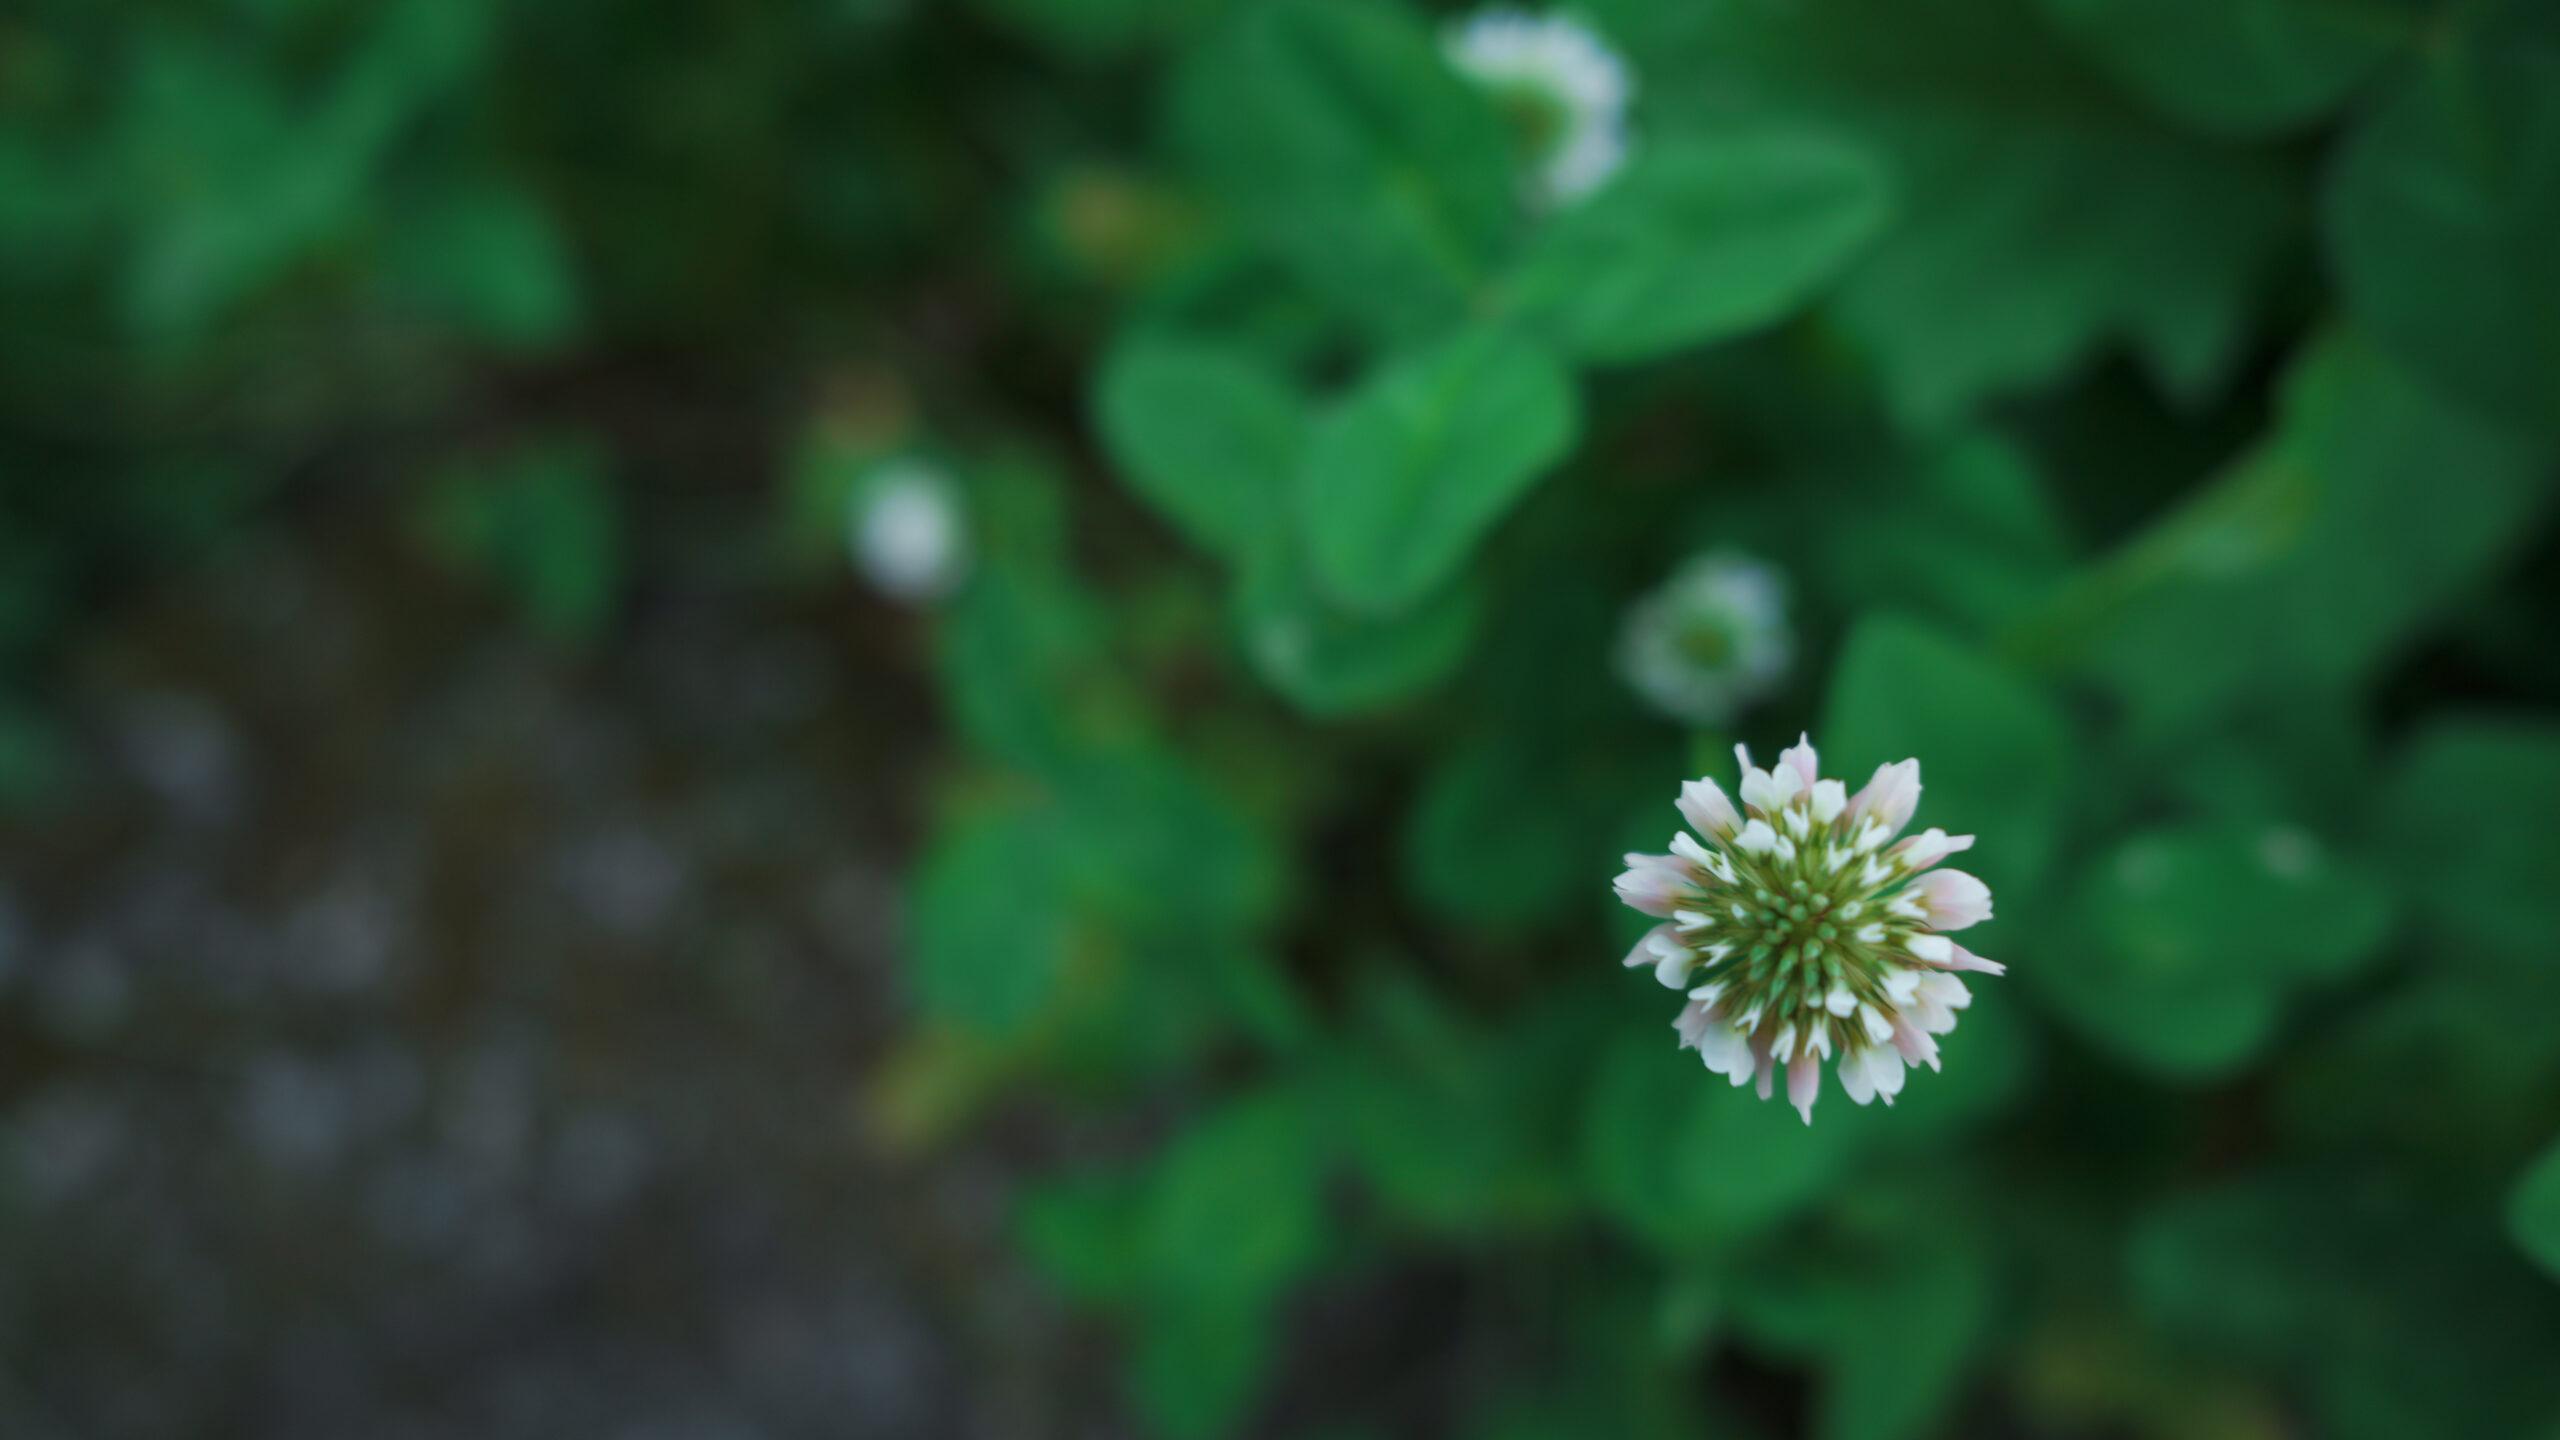 「田んぼの畦道の花」カラーモード「パウダーブルー」Camera : SIGMA fp Lens : Sigma 24mm F3.5 DG DN Contemporary